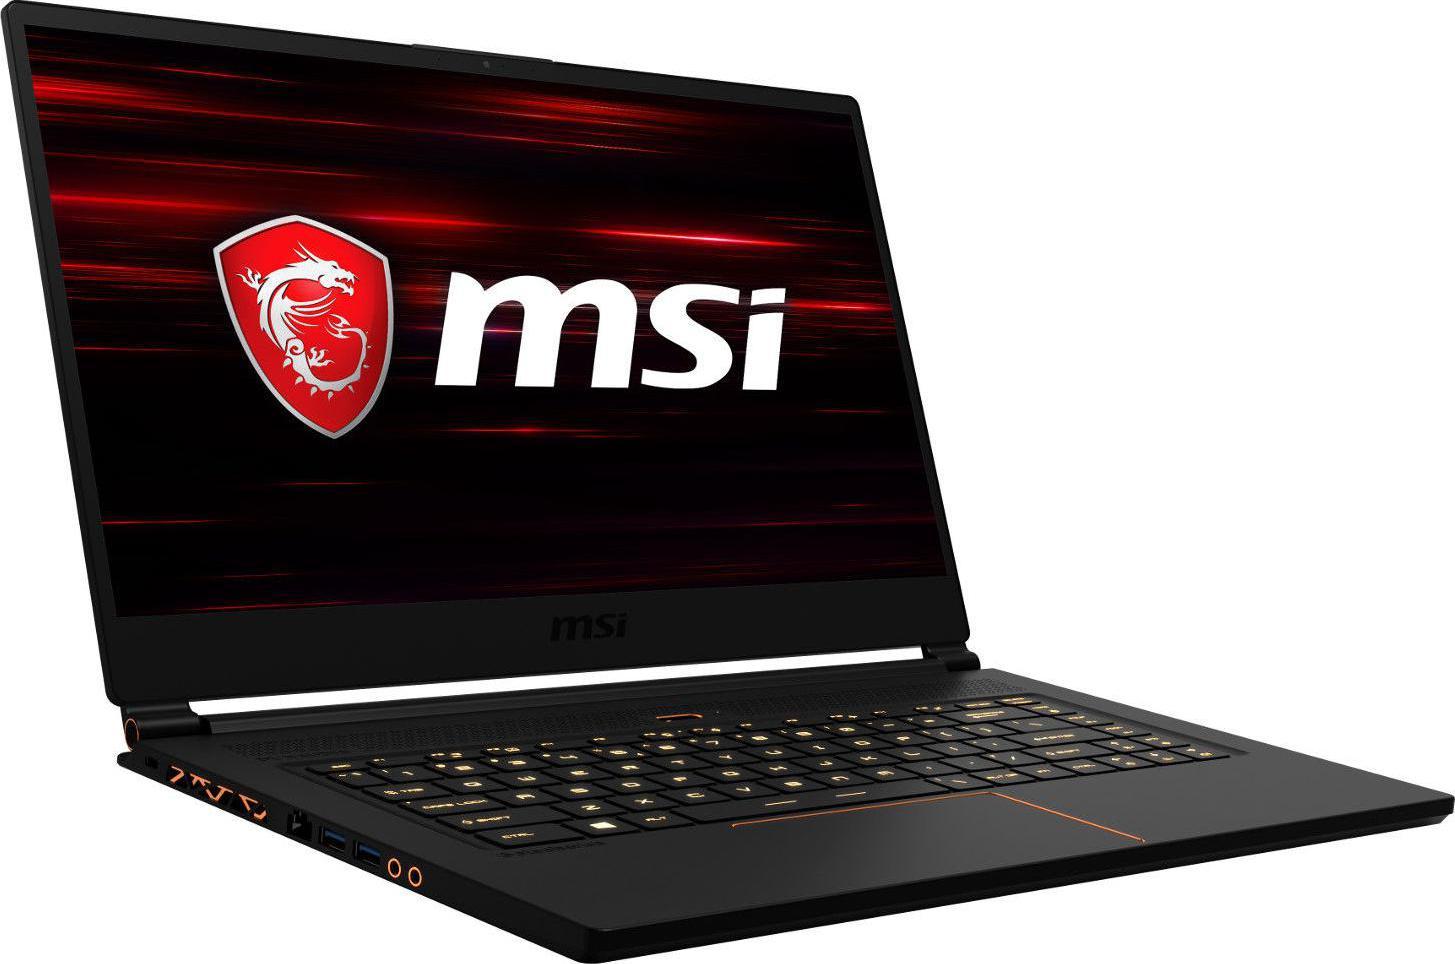 MSI GS65 9SD-1448XFR Stealth Thin